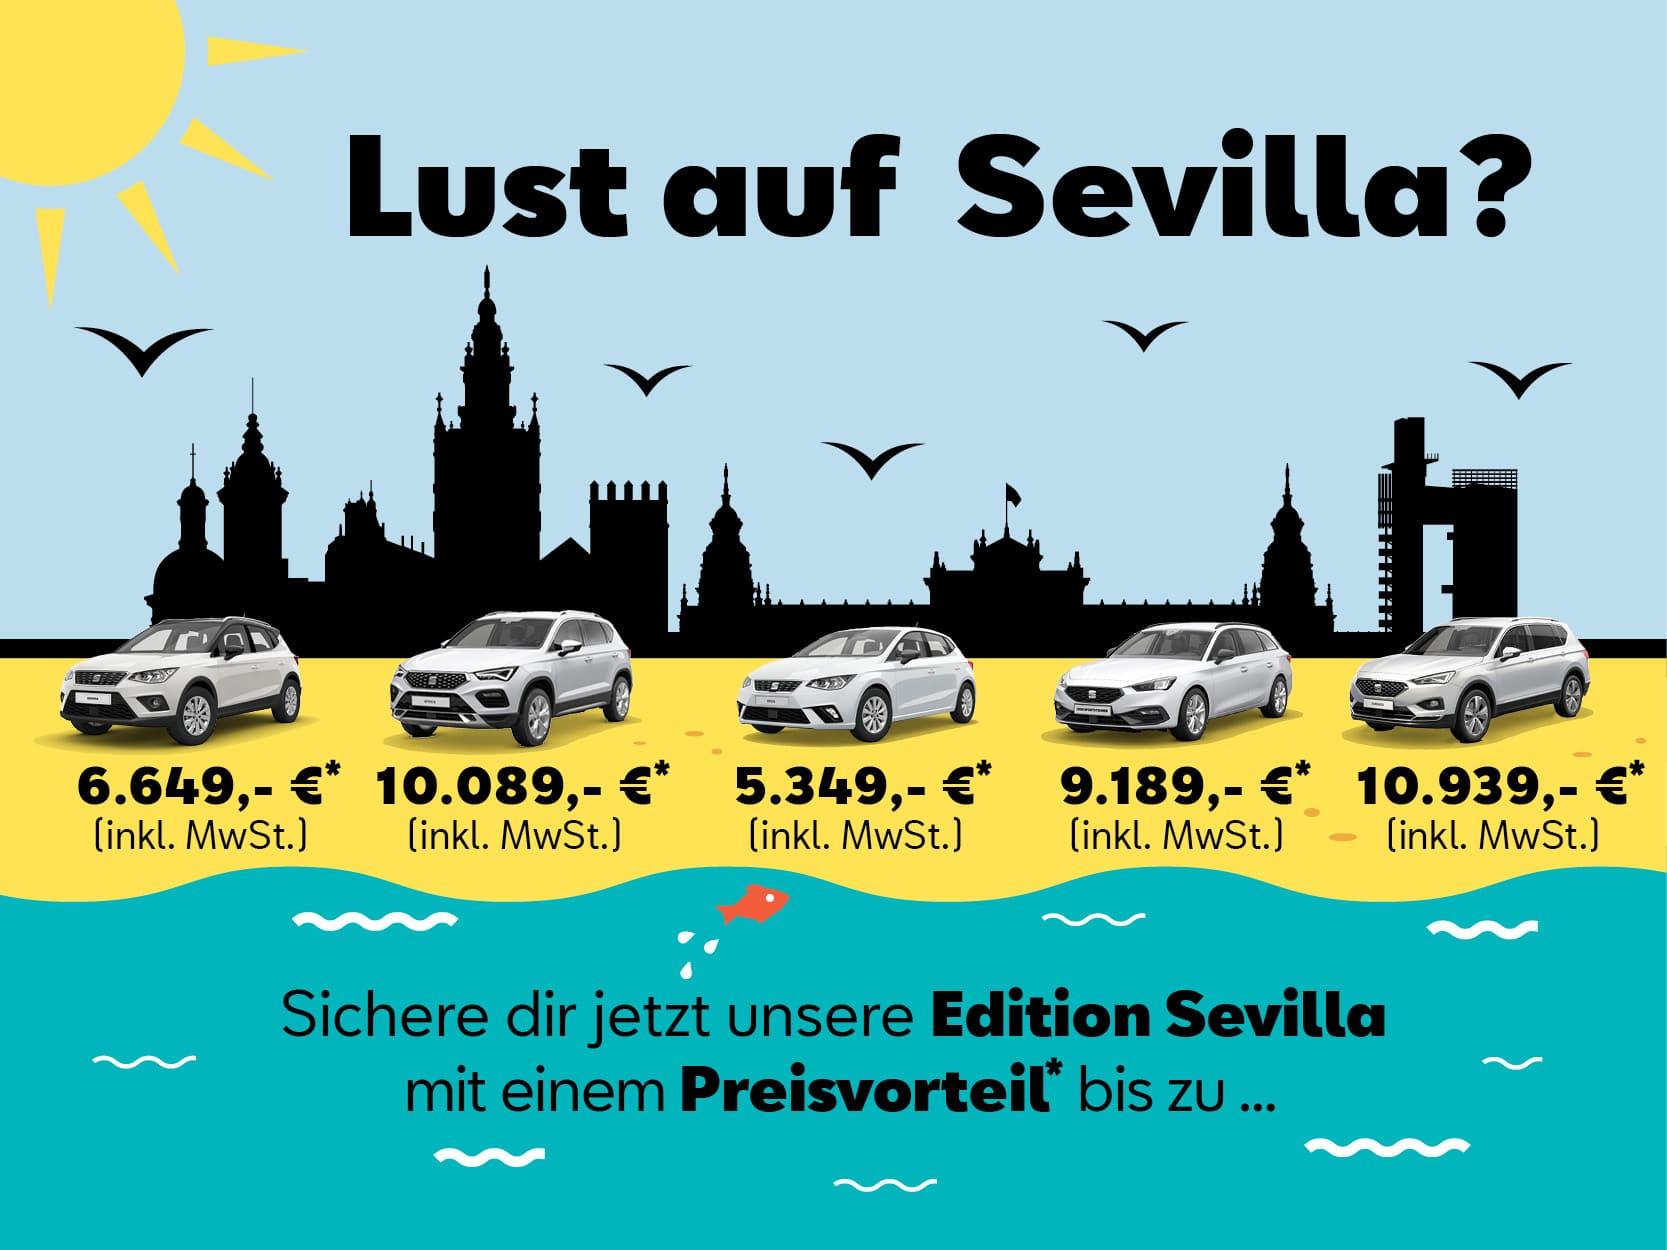 Edition Sevilla